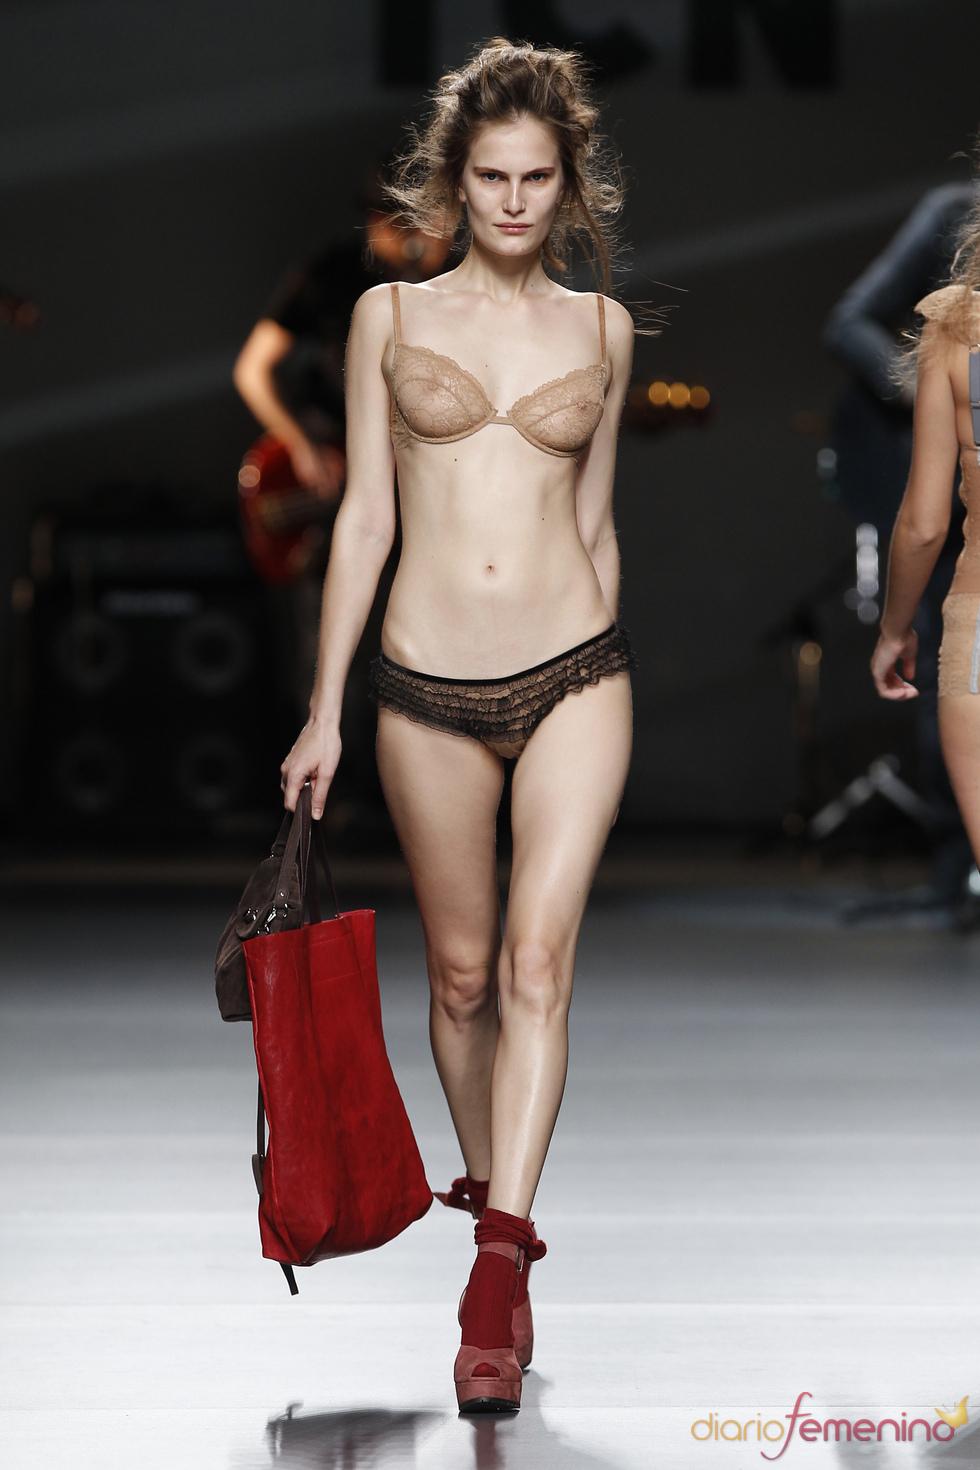 Lenceria con bolso rojo. TCN. Cibeles Madrid Fashion Week 2011